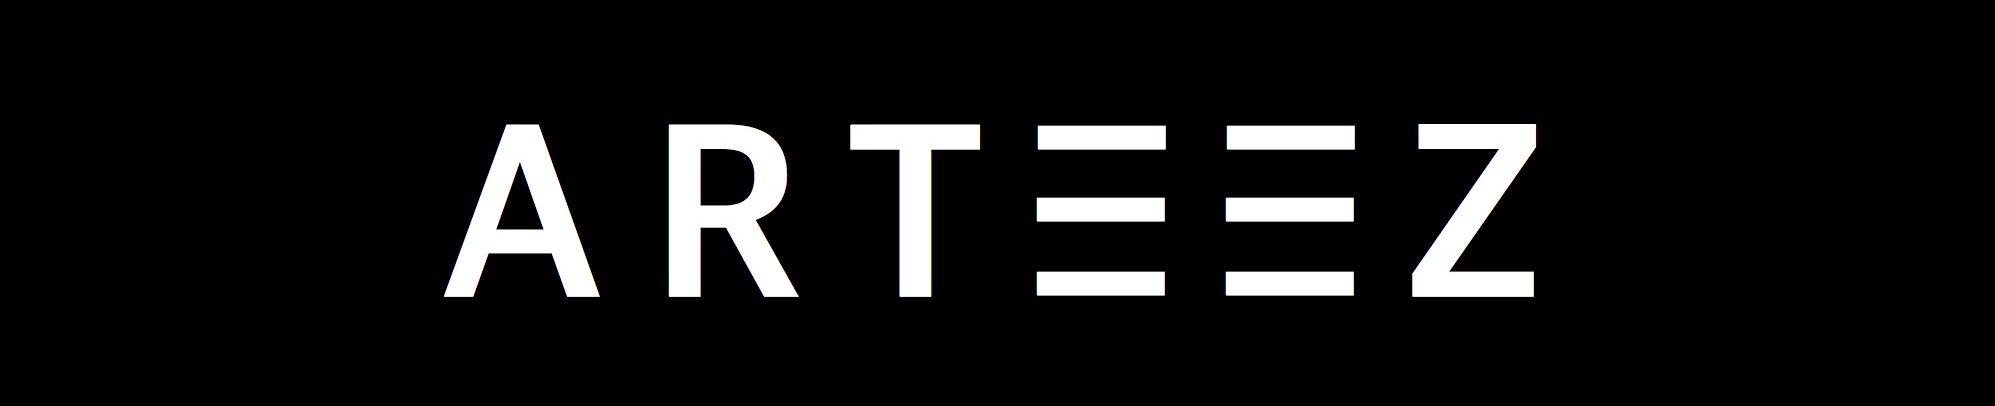 ARTEEZ | Le monde de l'art en un clic